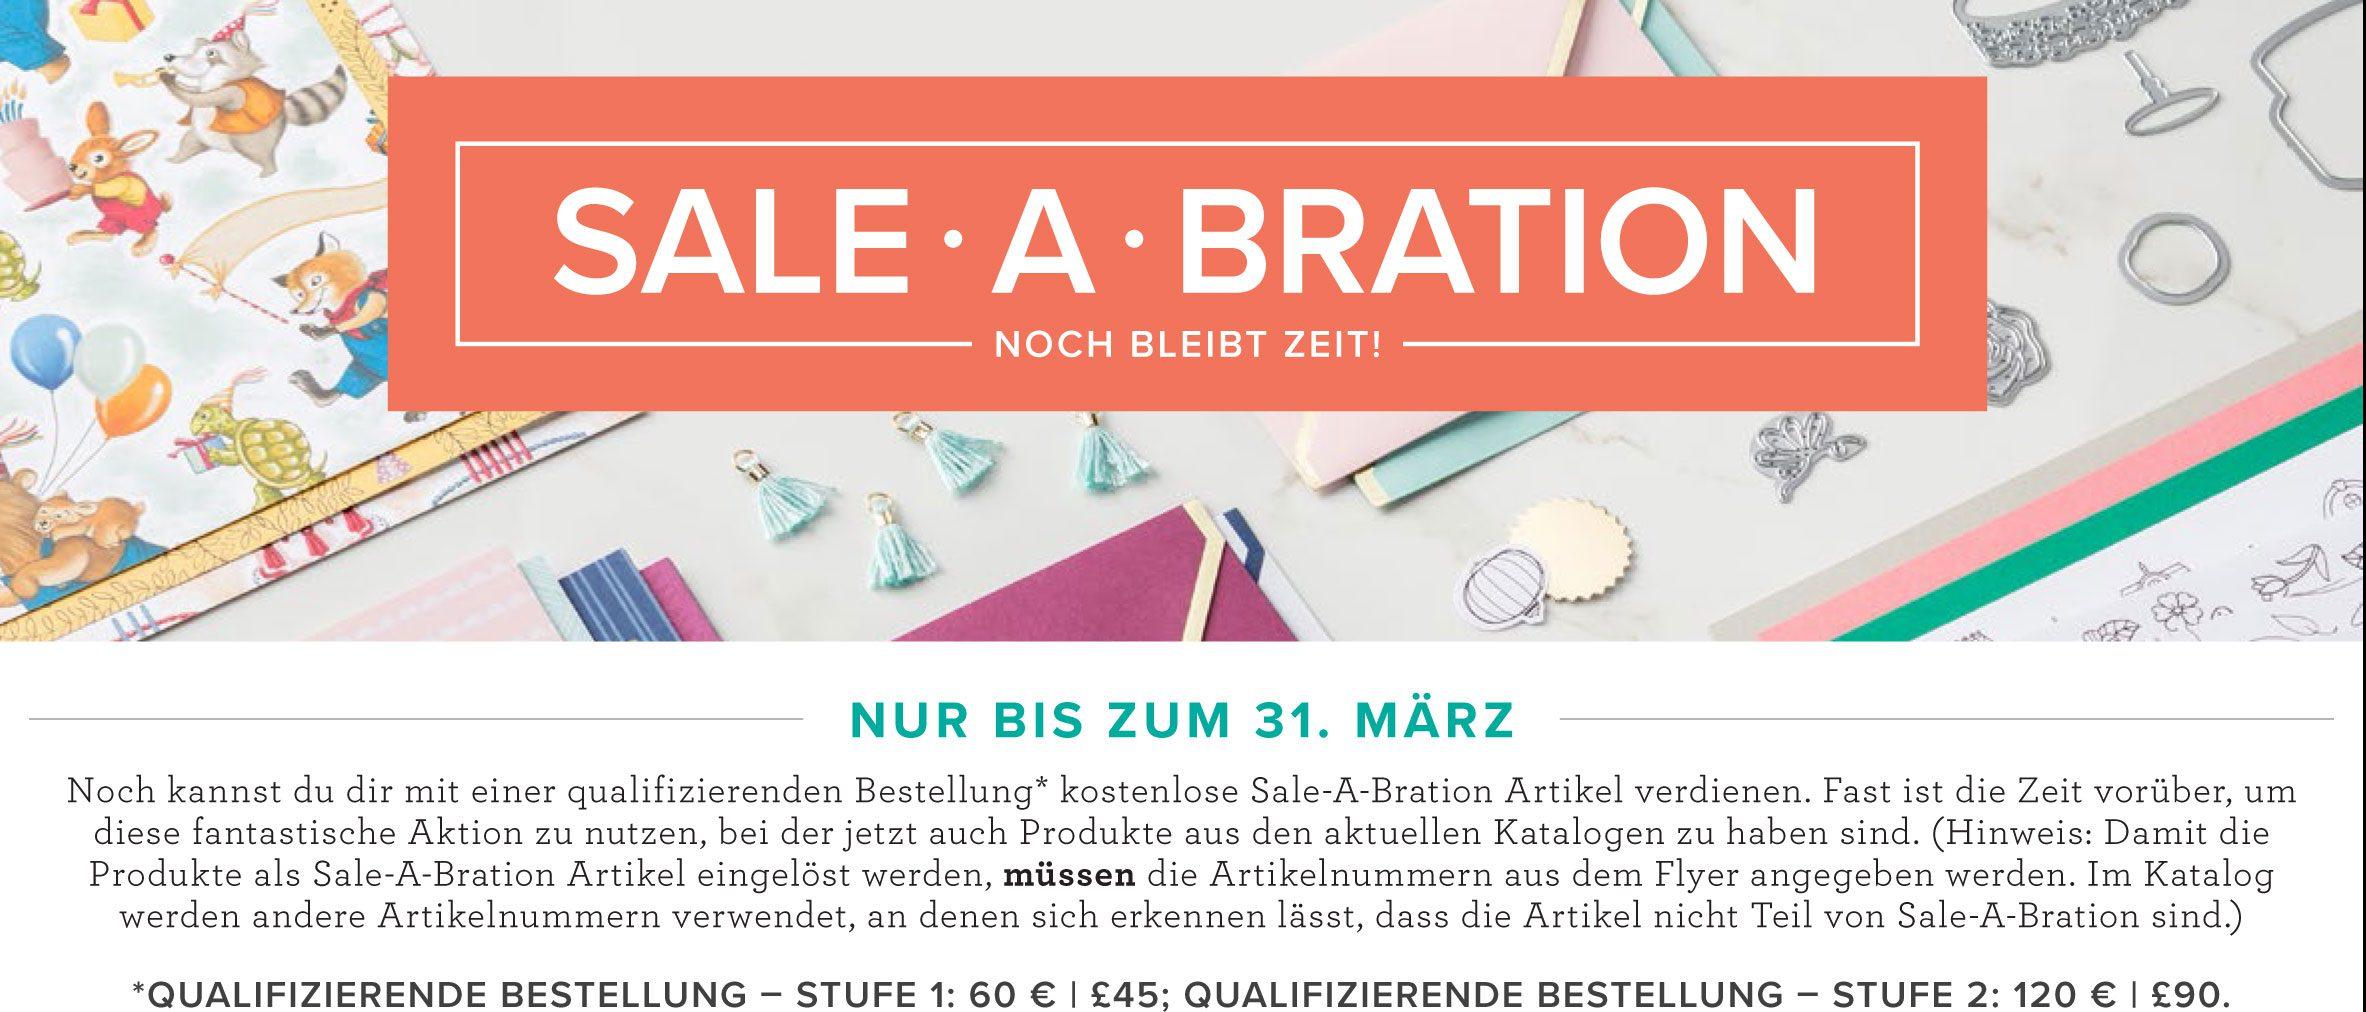 Sale-A-Bration geht in die dritte Runde!